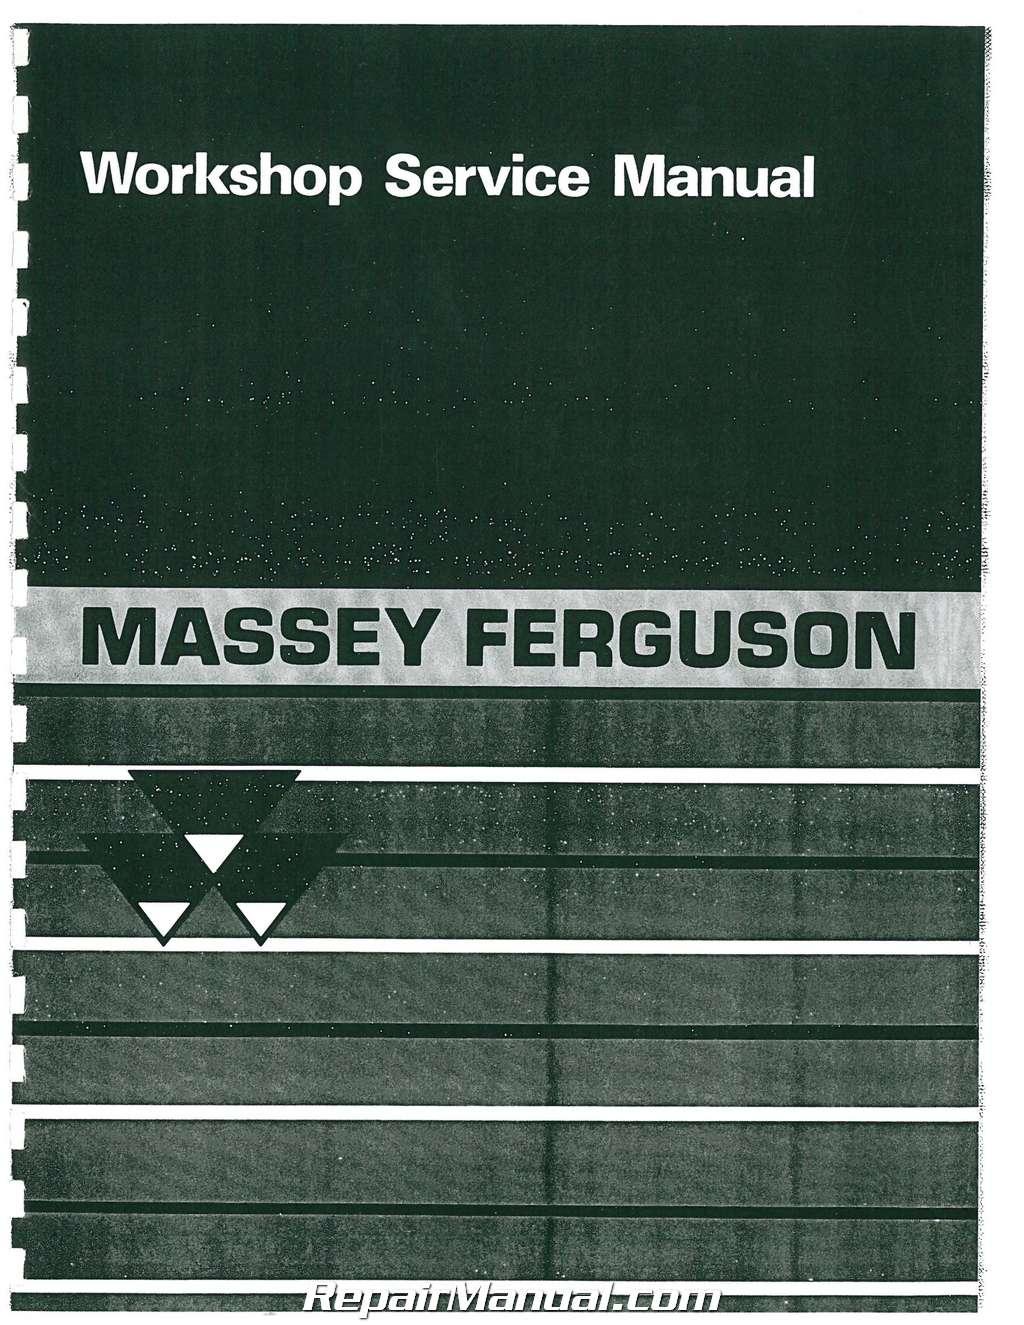 massey ferguson mf231 261 service manual 261 Massey Ferguson Exhaust Elbow massey ferguson 261 owners manual